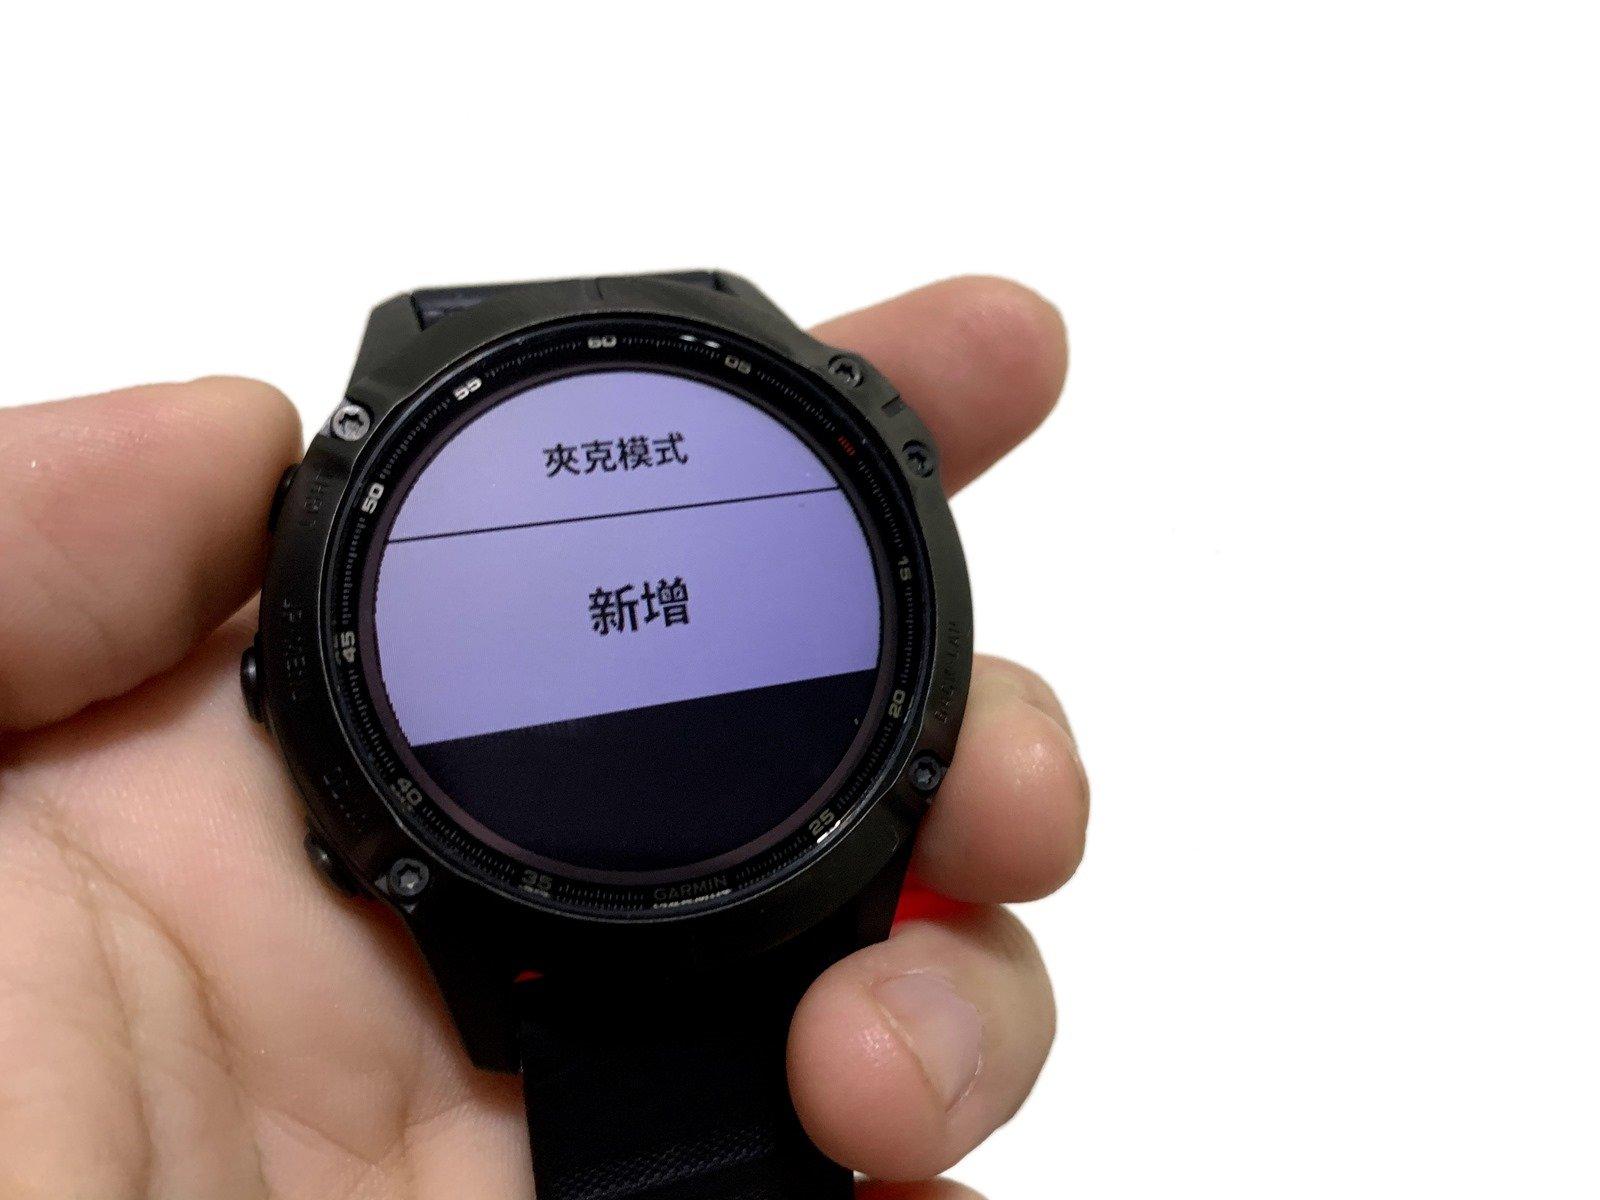 智慧手錶電量怎樣才算長?開箱 Garmin Fenix 6 Pro Solar 太陽能運動手錶 電力最長 80 天 @3C 達人廖阿輝